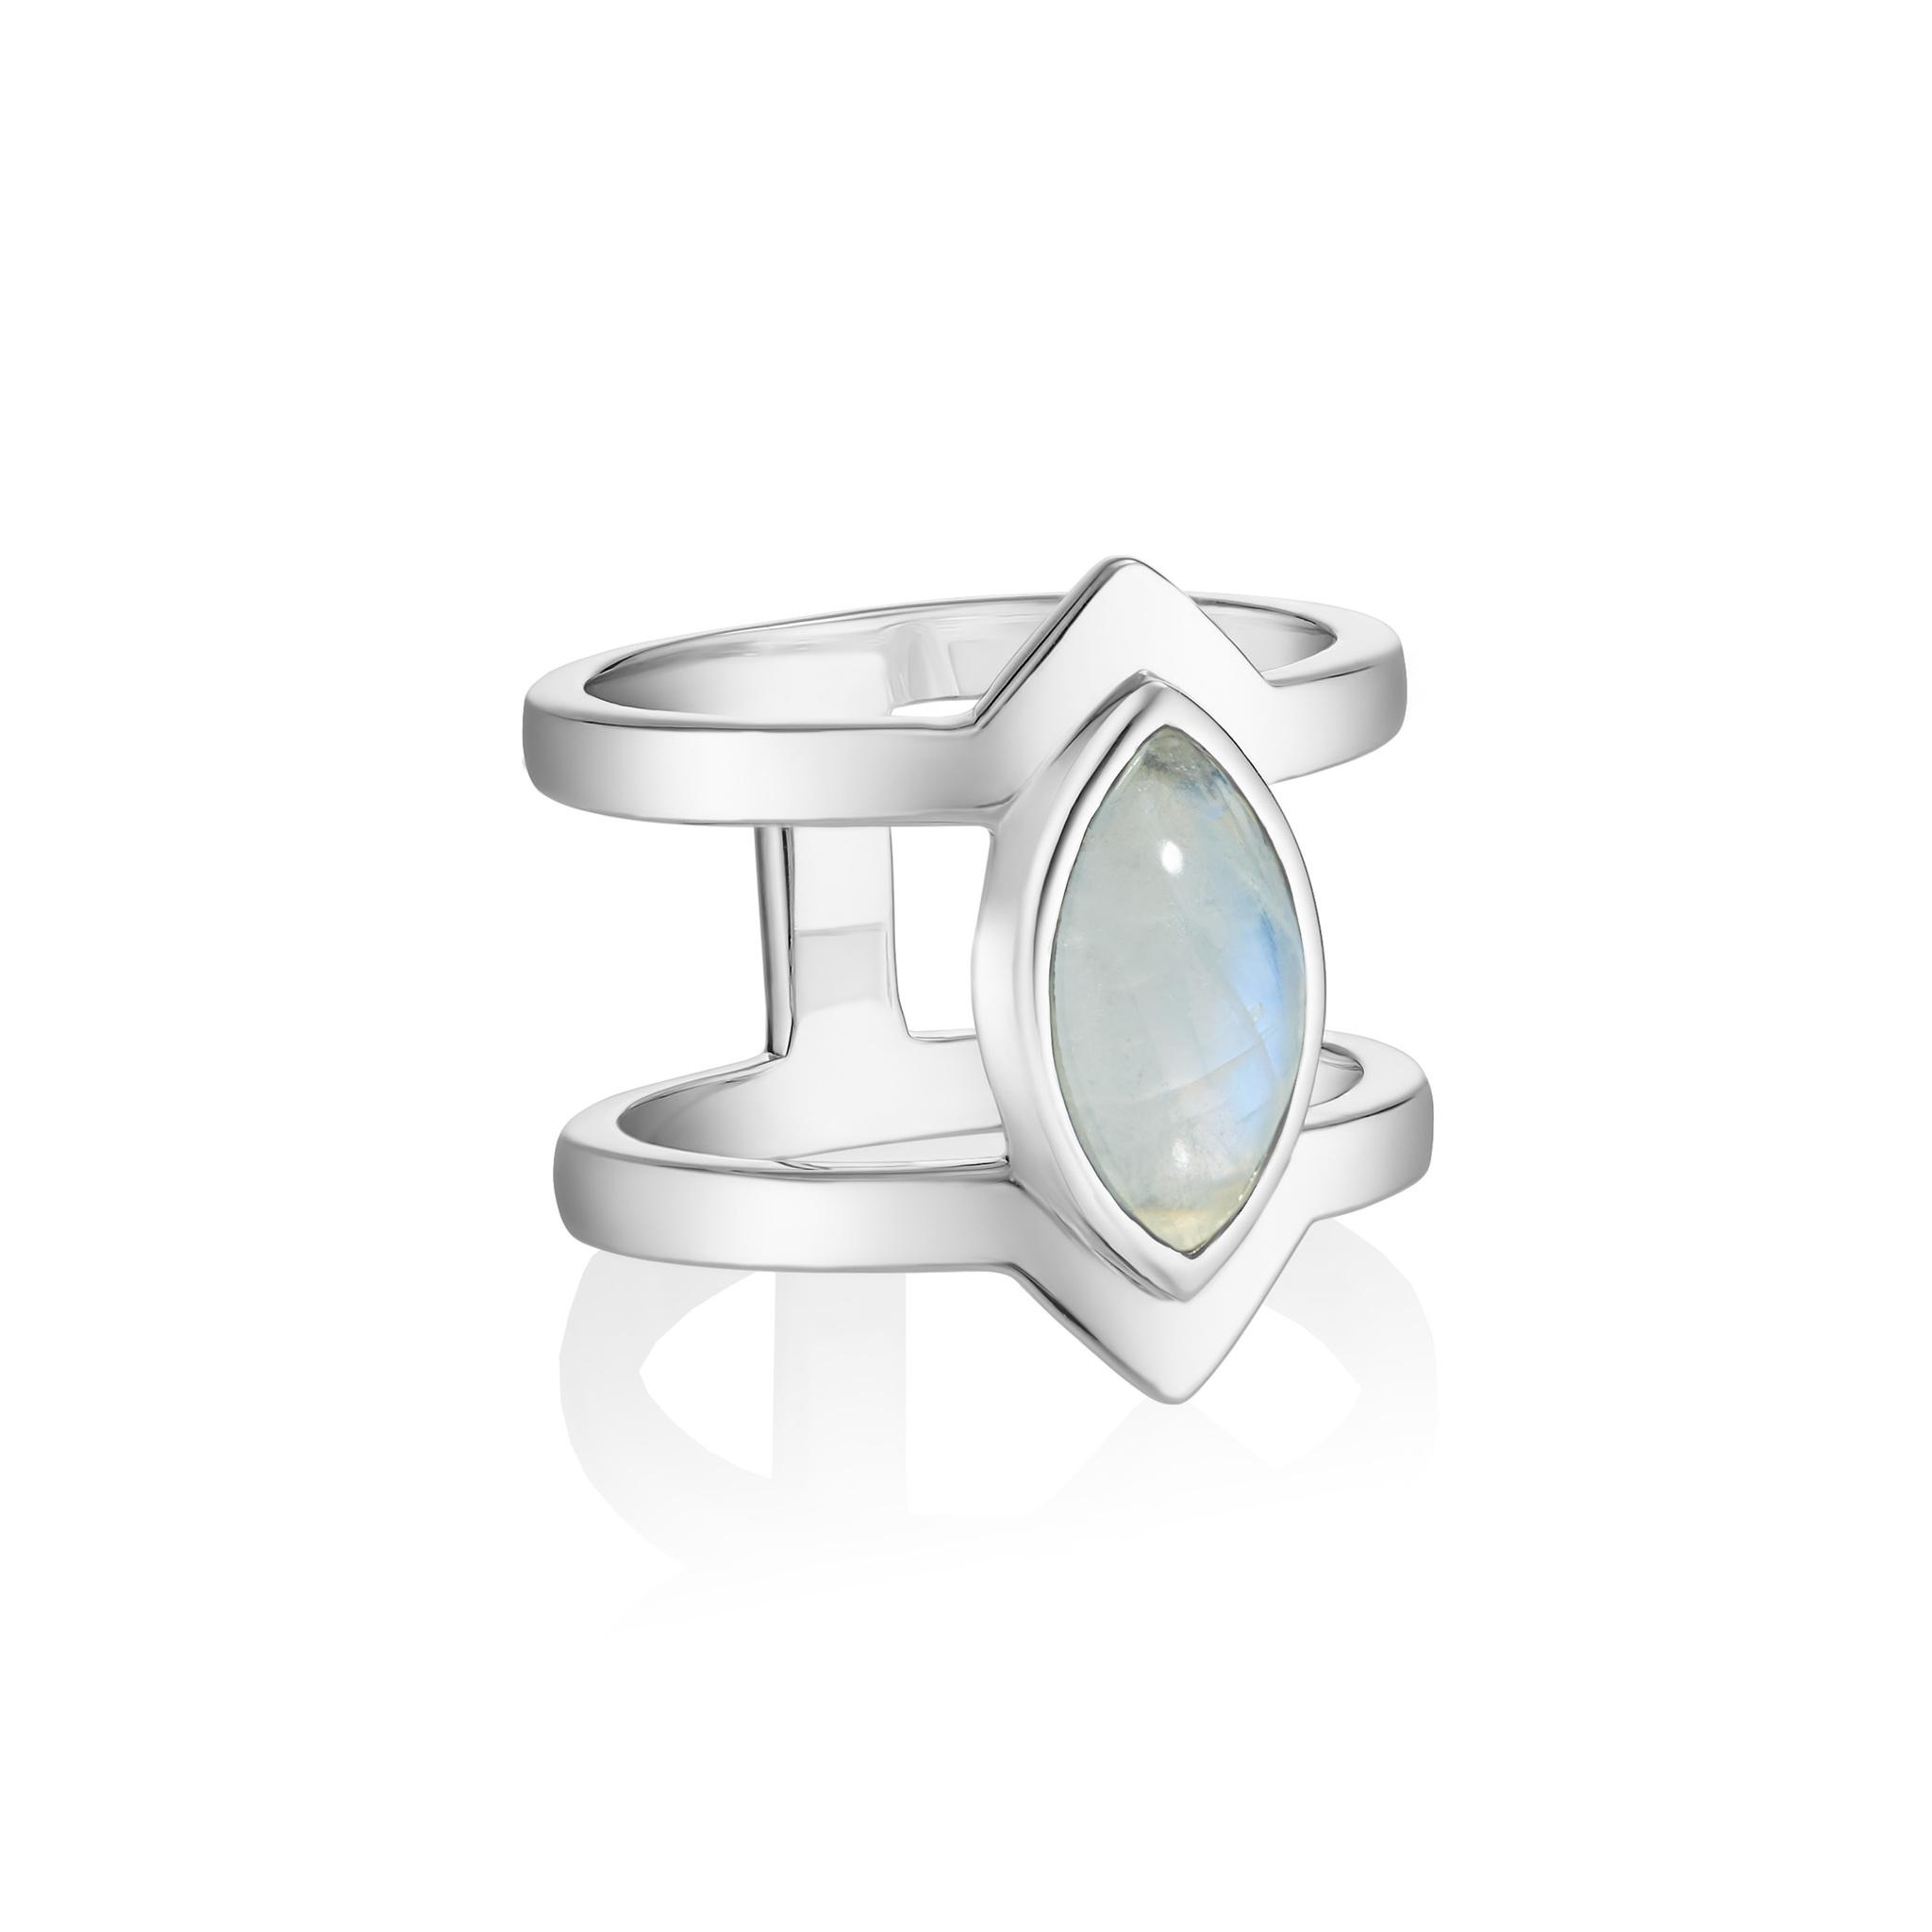 Кольцо PETALA двойное - Лунный камень